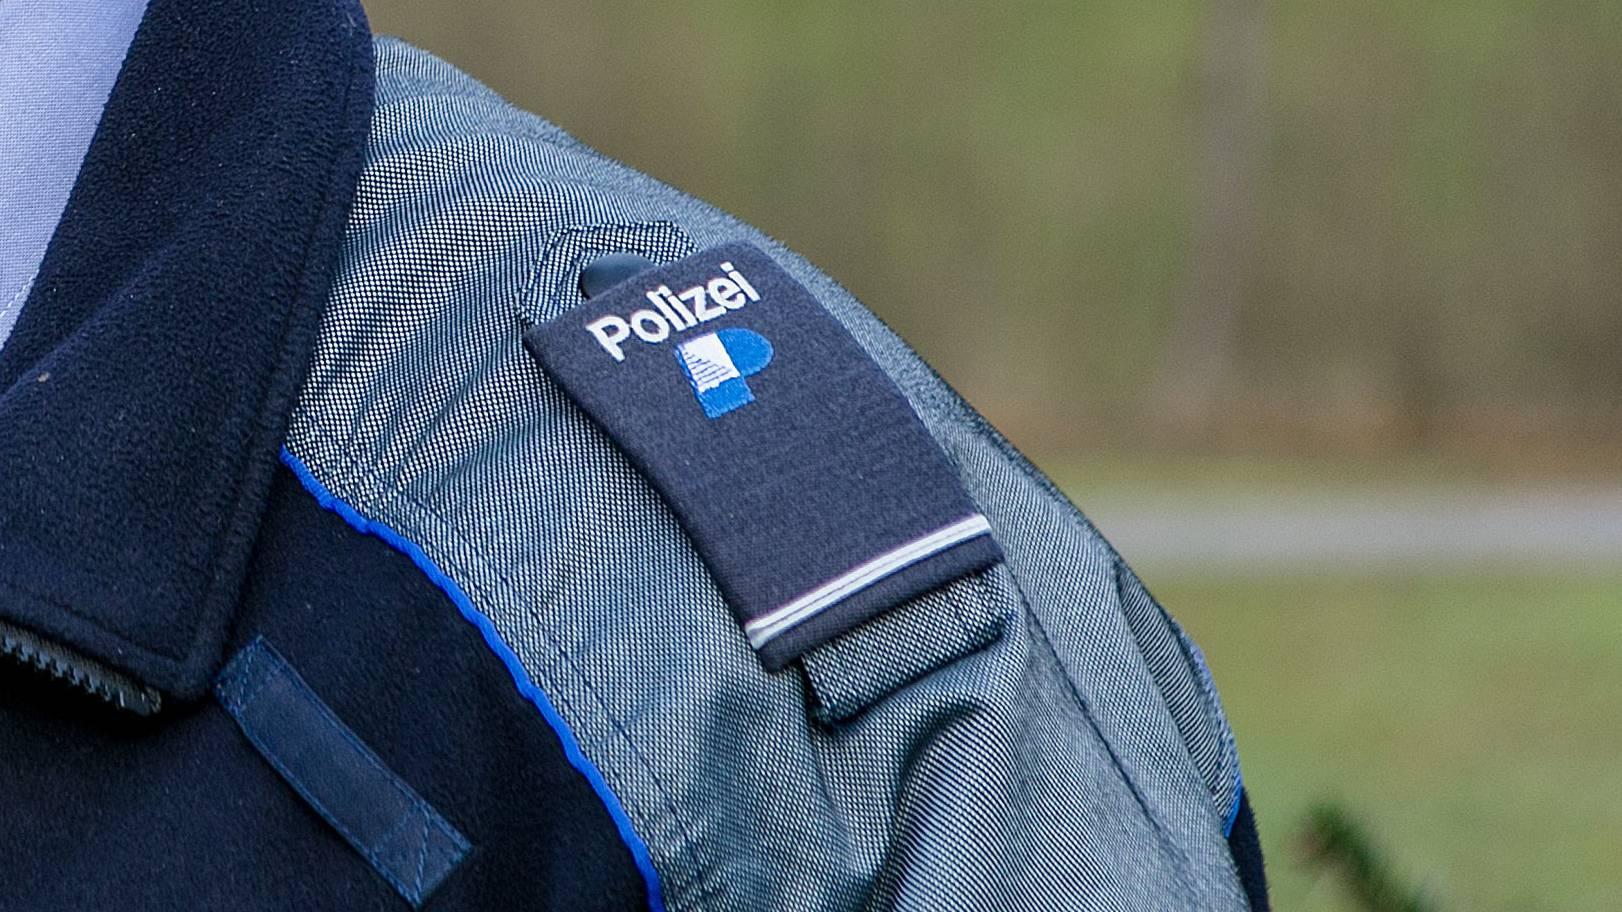 Die Stadtpolizei Zürich wurde am Donnerstagmorgen zu einem Familienstreit gerufen. Ein Mann starb, zwei Frauen wurden verletzt. (Symbolbild)